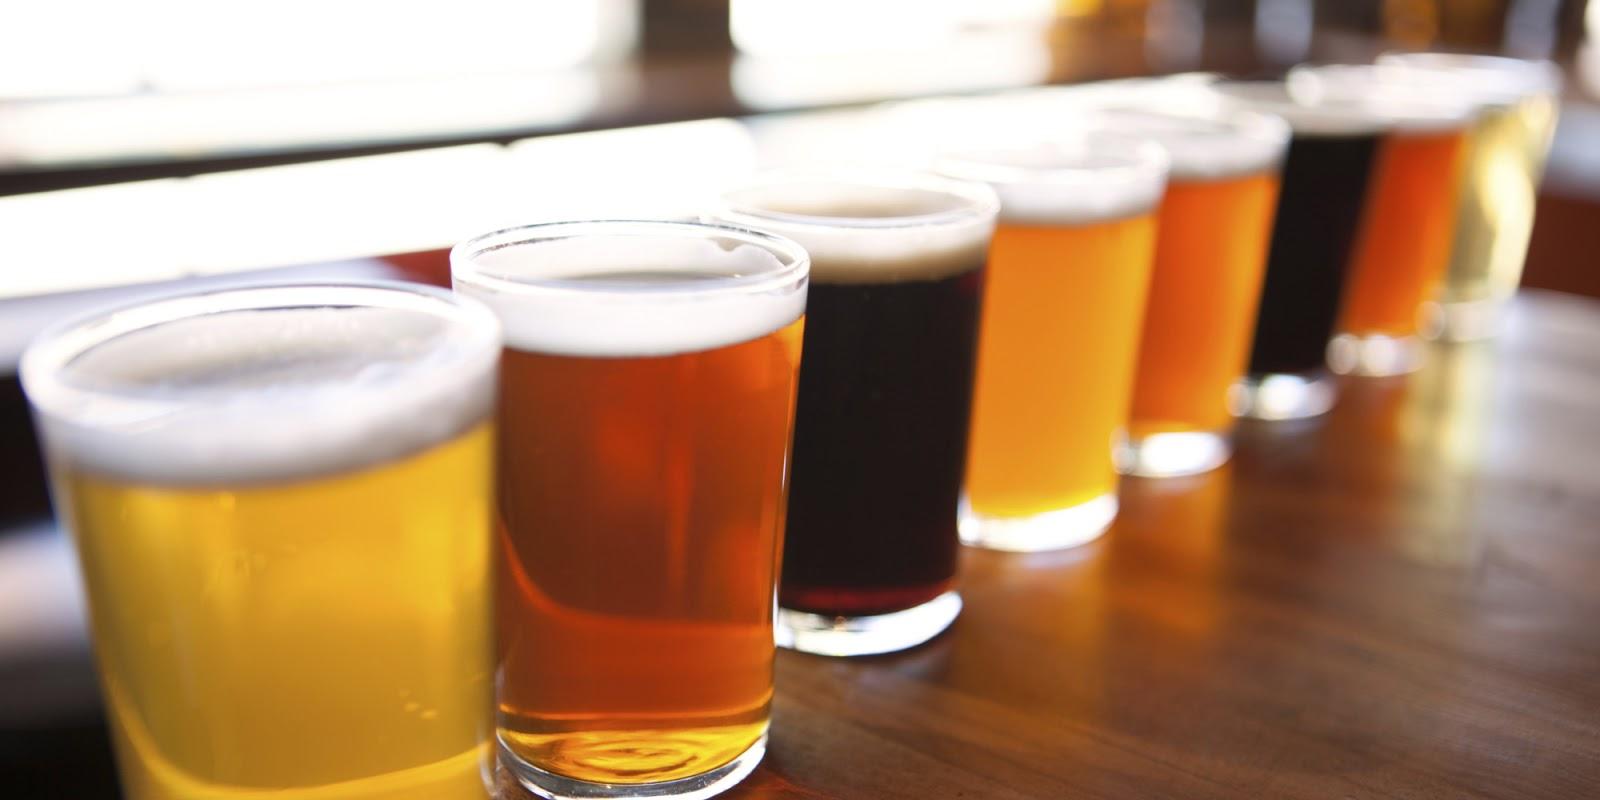 8 bières que vous devriez arrêter de boire immédiatement.